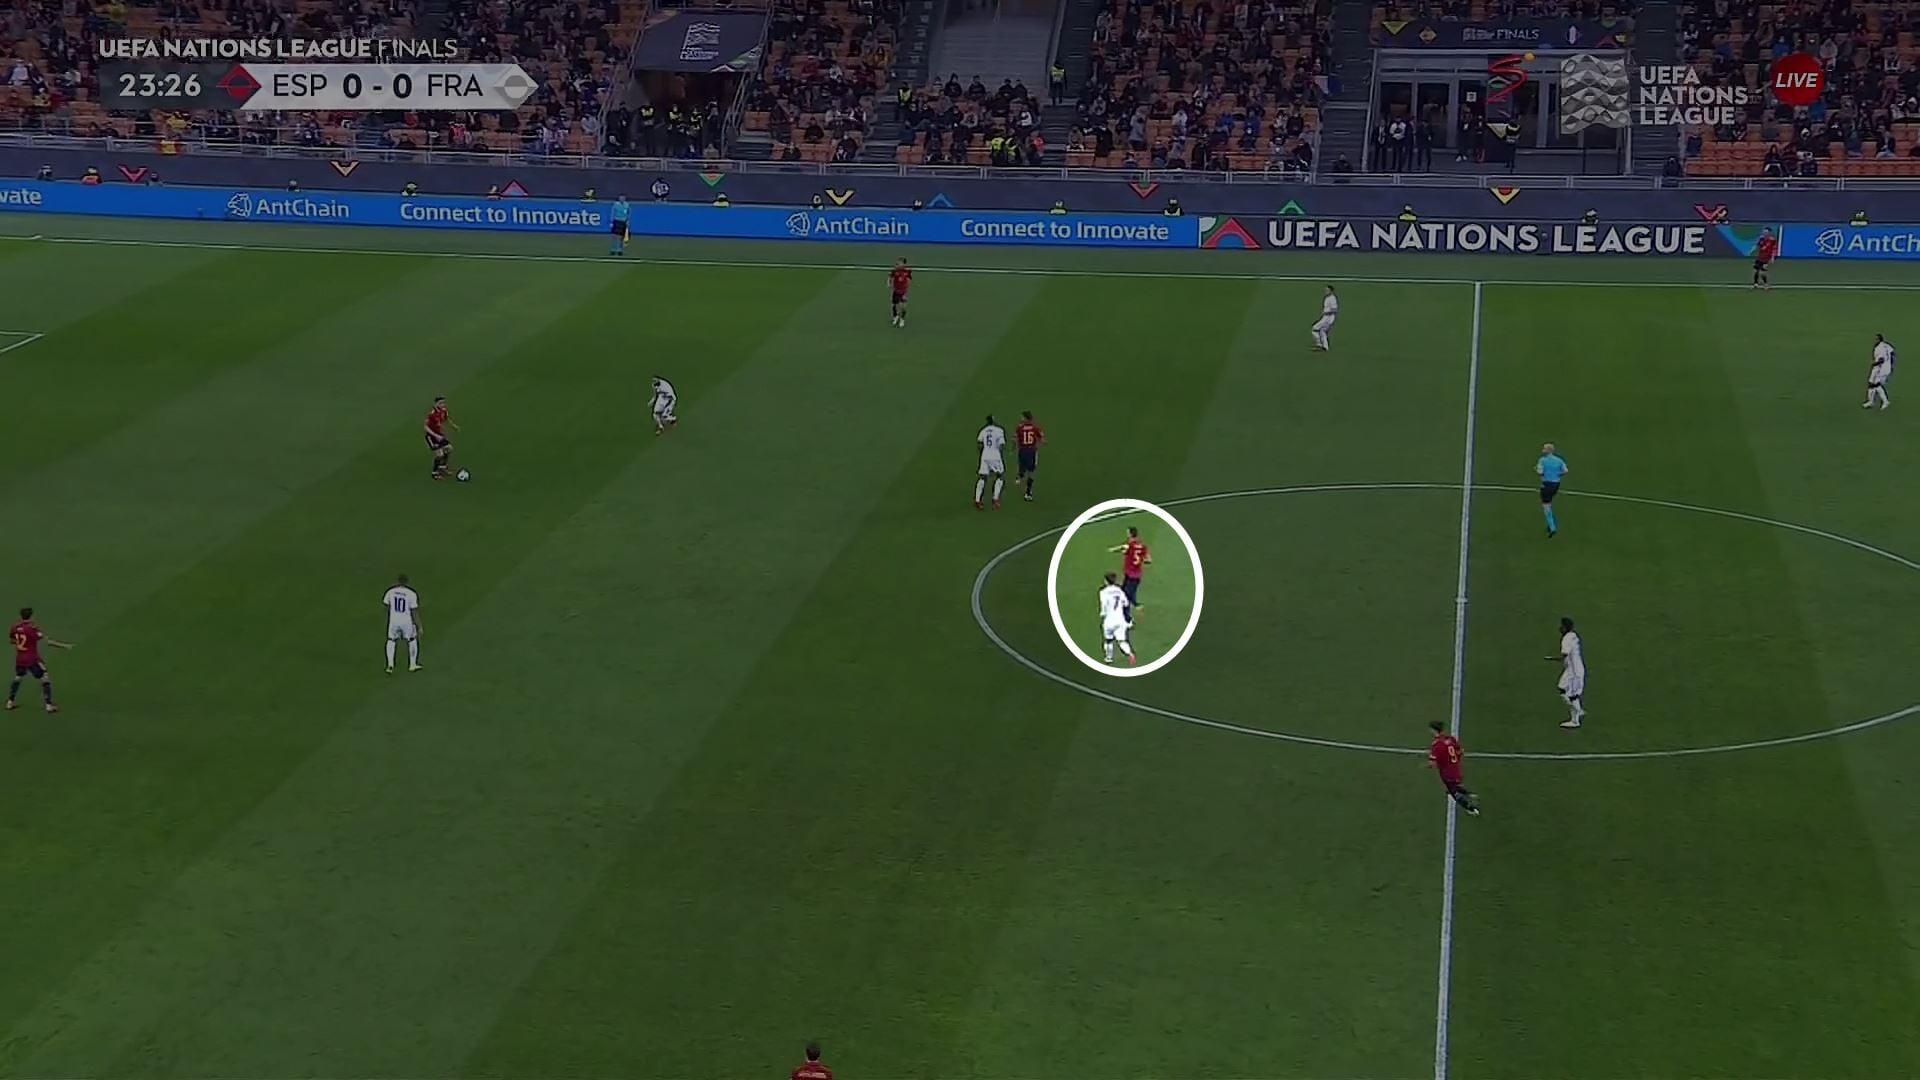 Главная дуэль финала Лиги наций – Гризманн против Бускетса. А самые большие проблемы Испания получила от треугольника Тео-Мбаппе-Бензема